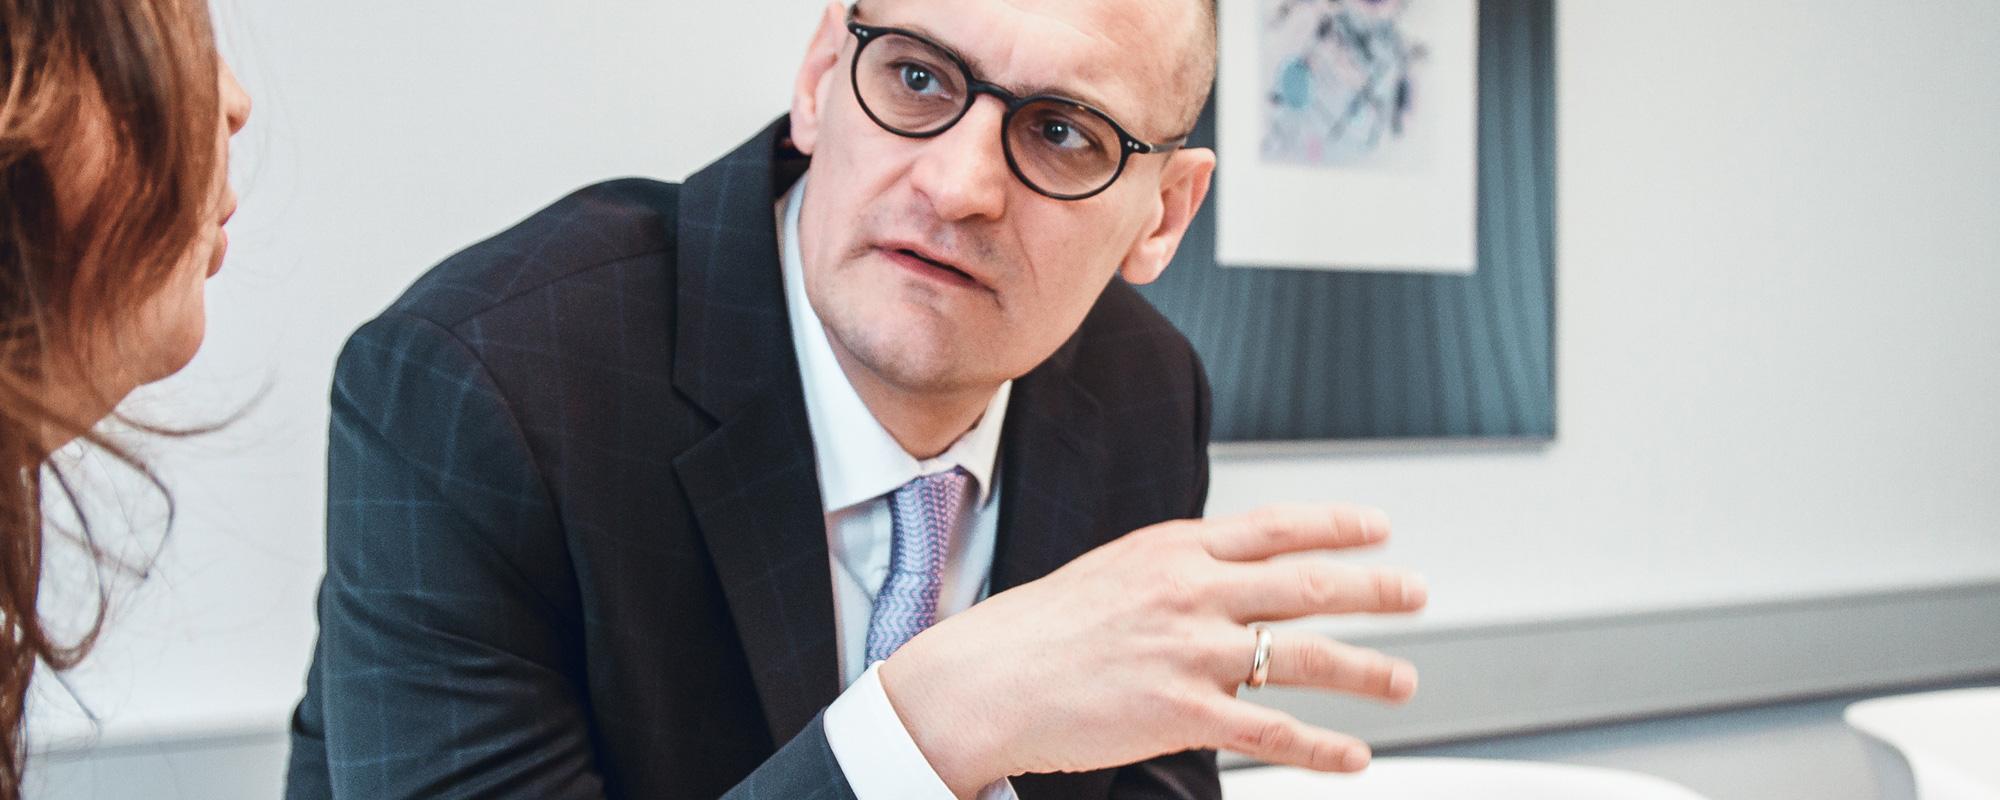 Oliver Hahn Rechtsanwalt Fachanwalt Notar Beratung Vertretung